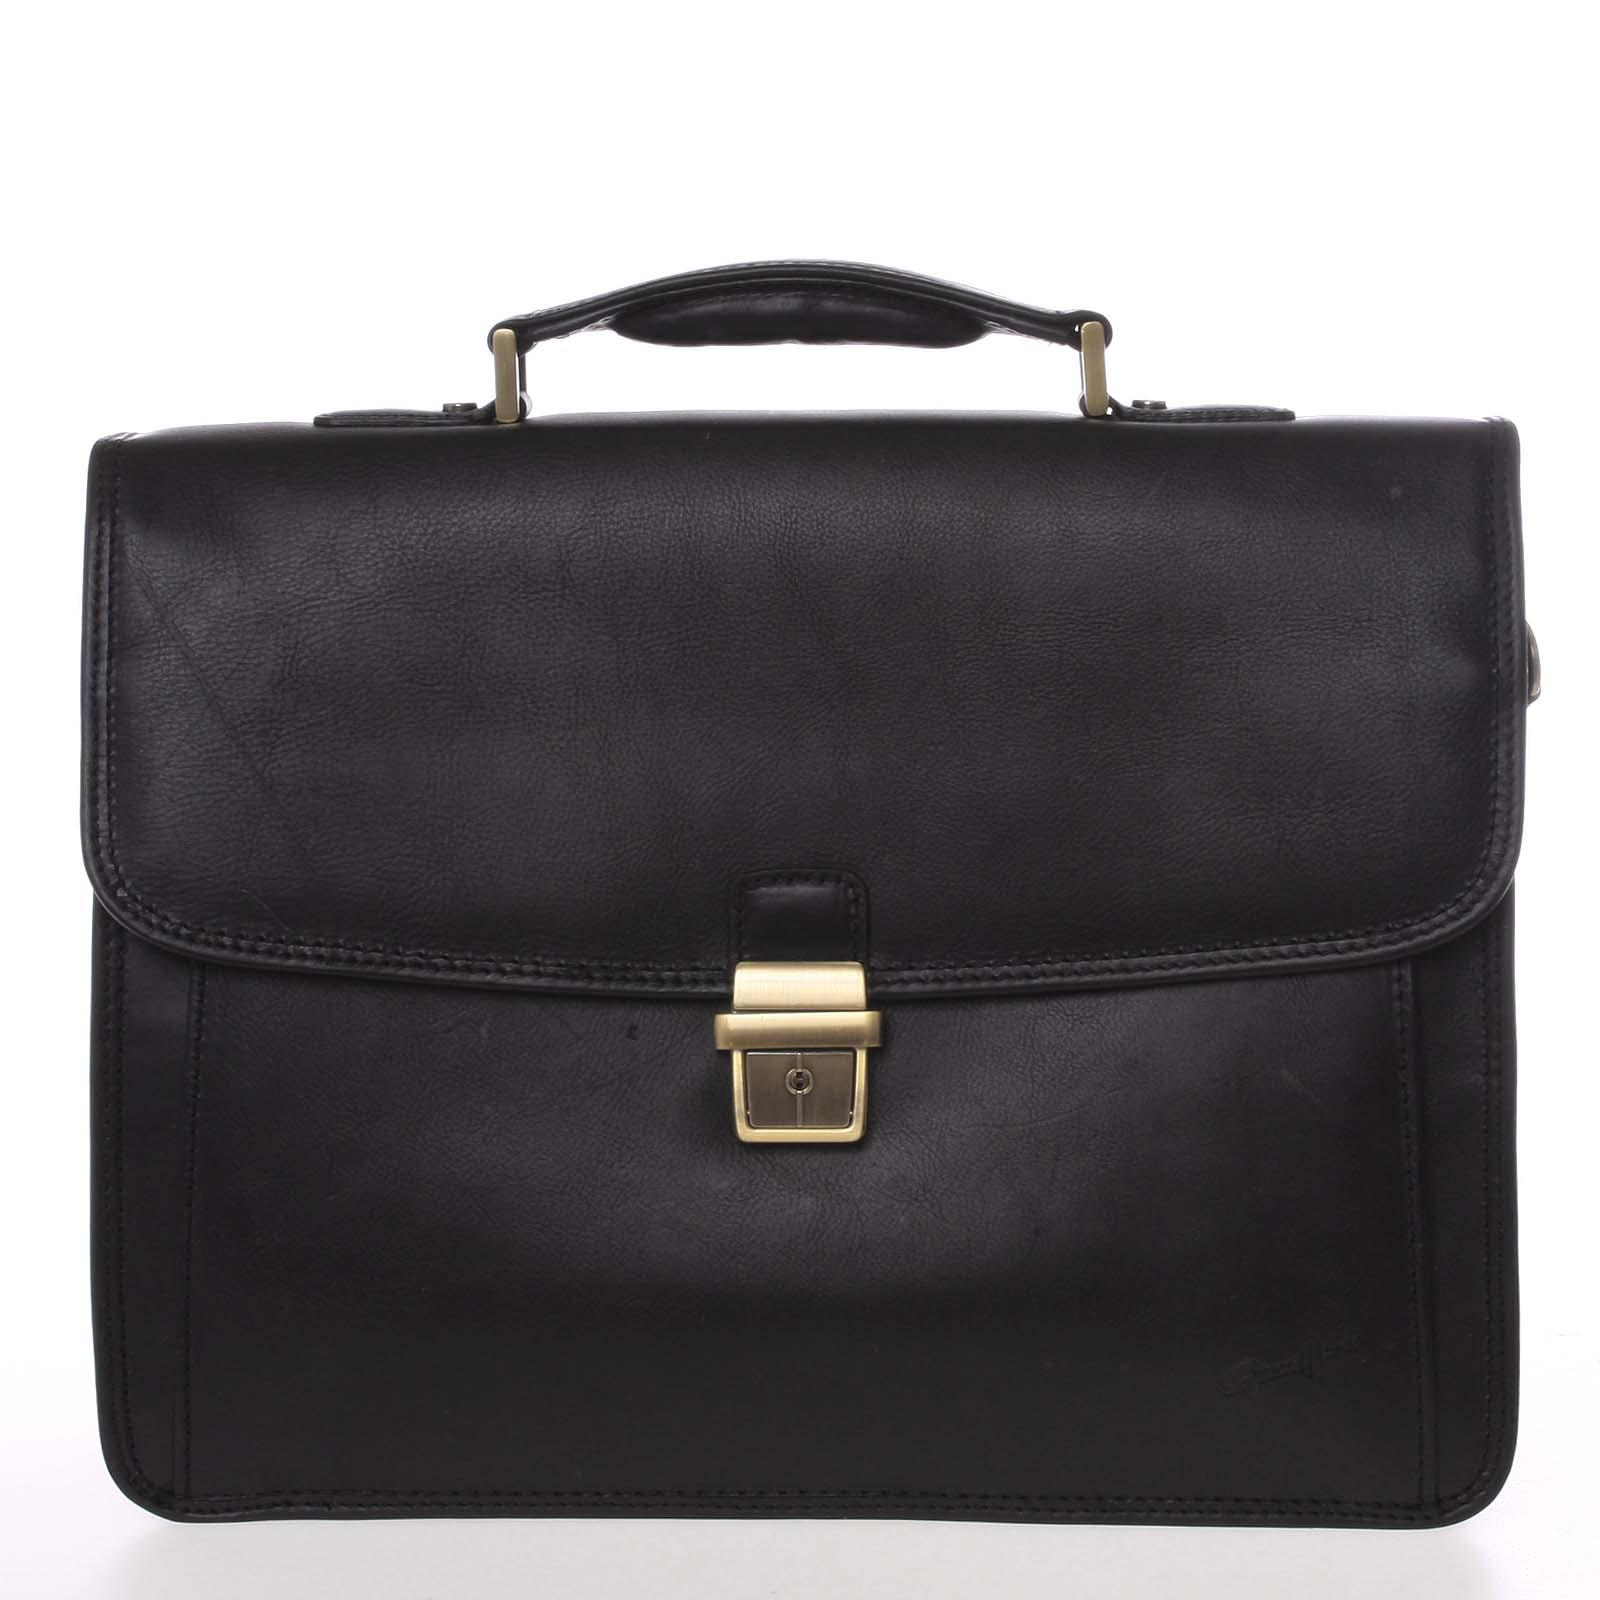 Luxusná elegantná kožená aktovka čierna - Gerard HENON Bravis čierna